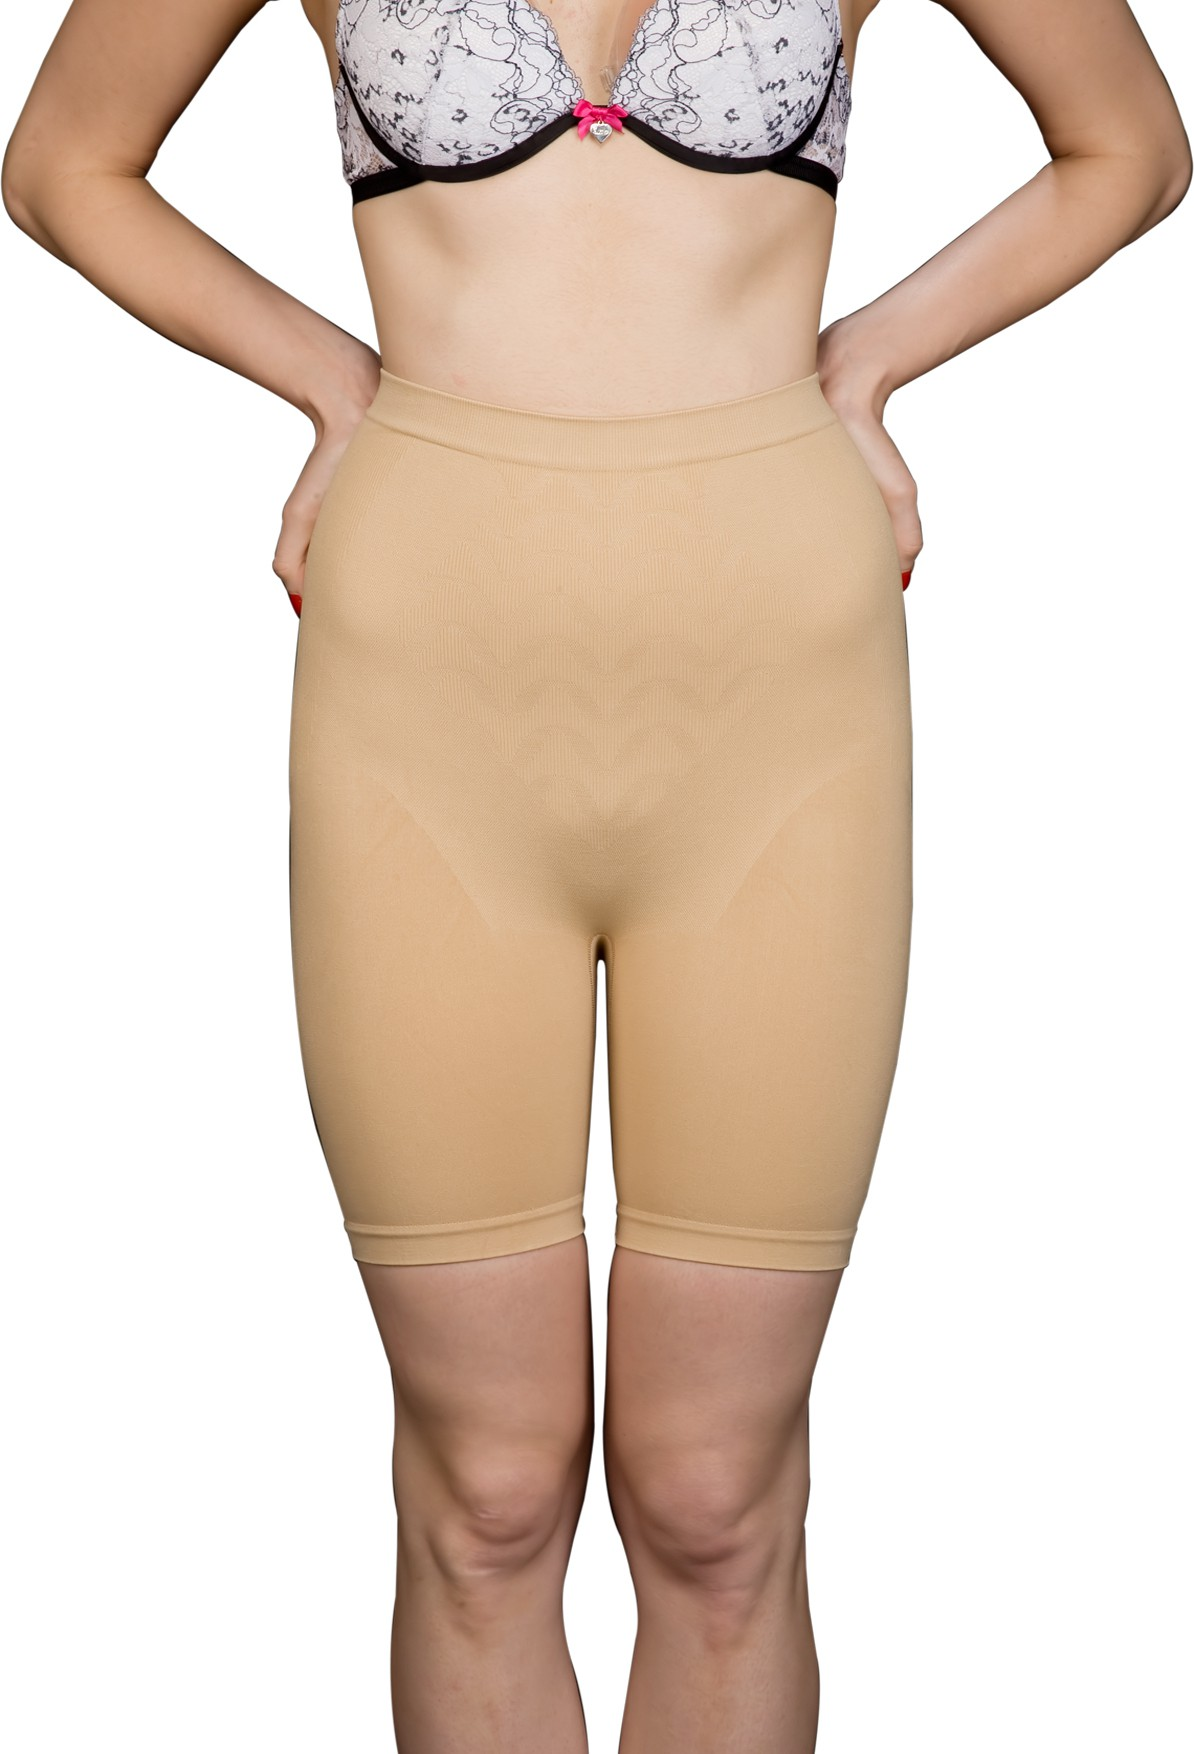 Laceandme Laceandme Tummy & Thigh Control Shapewear Womens Shapewear